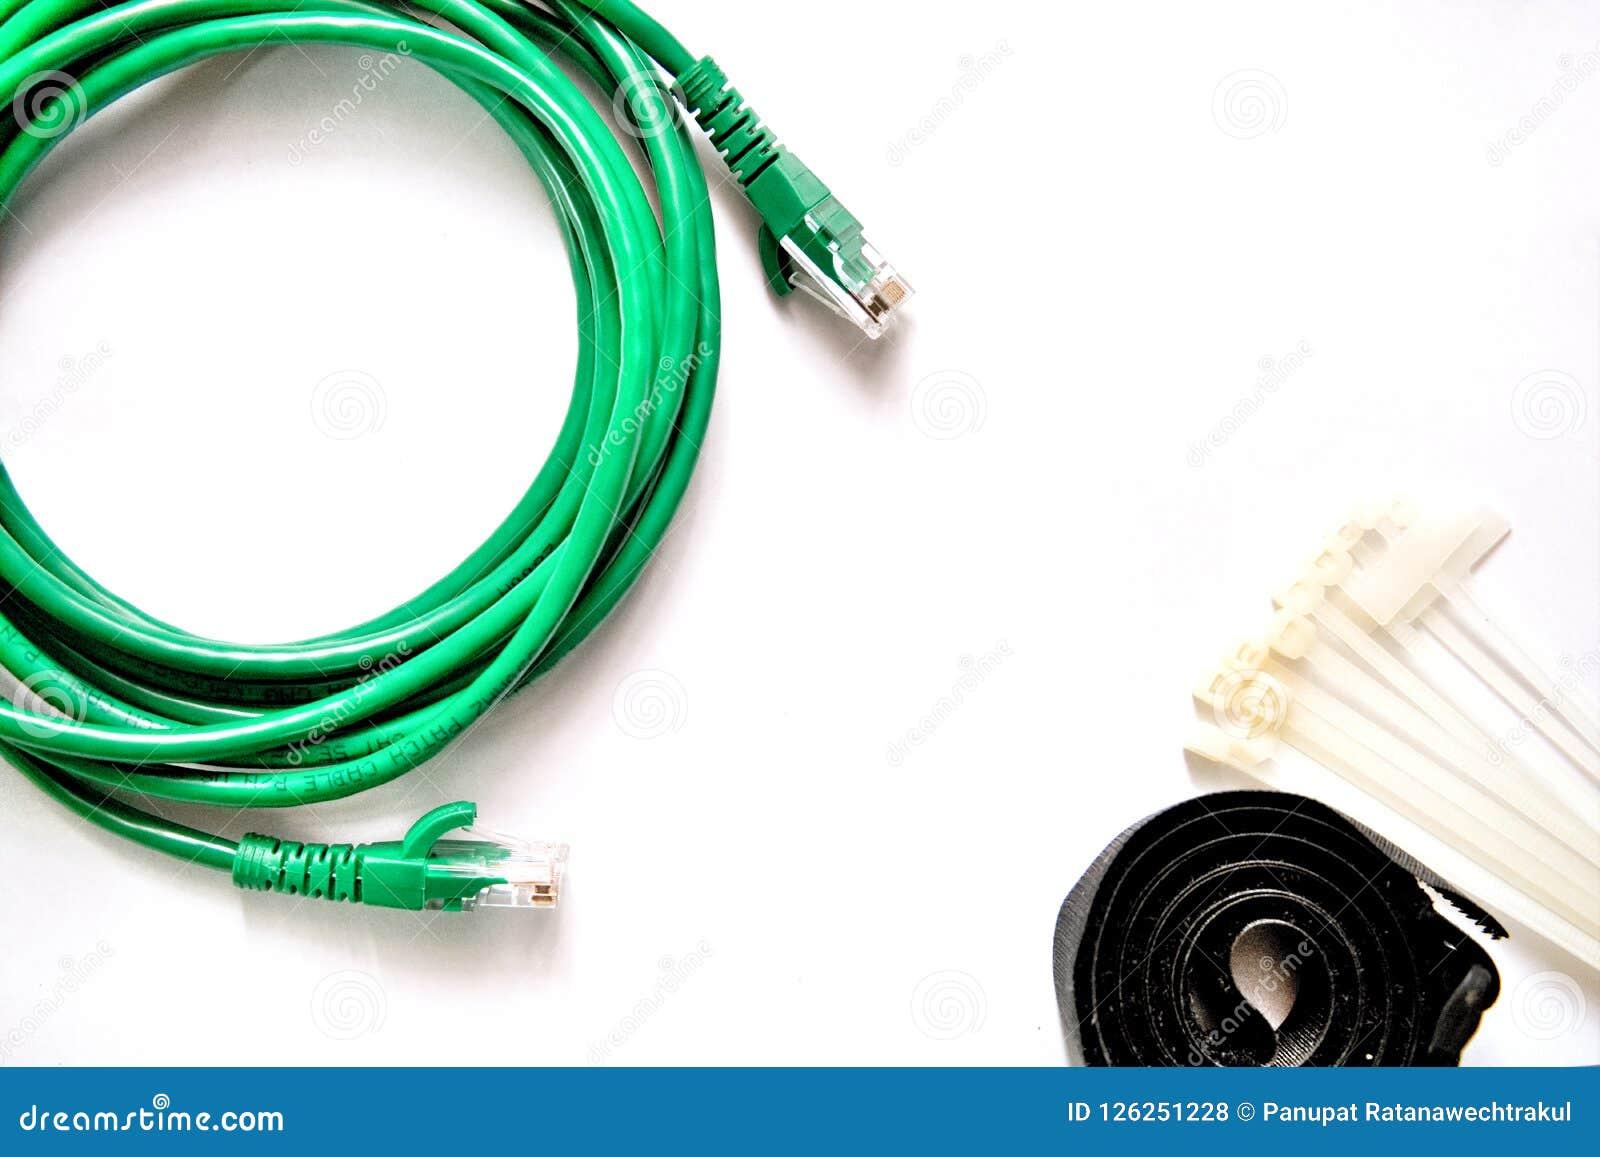 Cabo de LAN azul e verde com cintas plásticas e correia de cabo